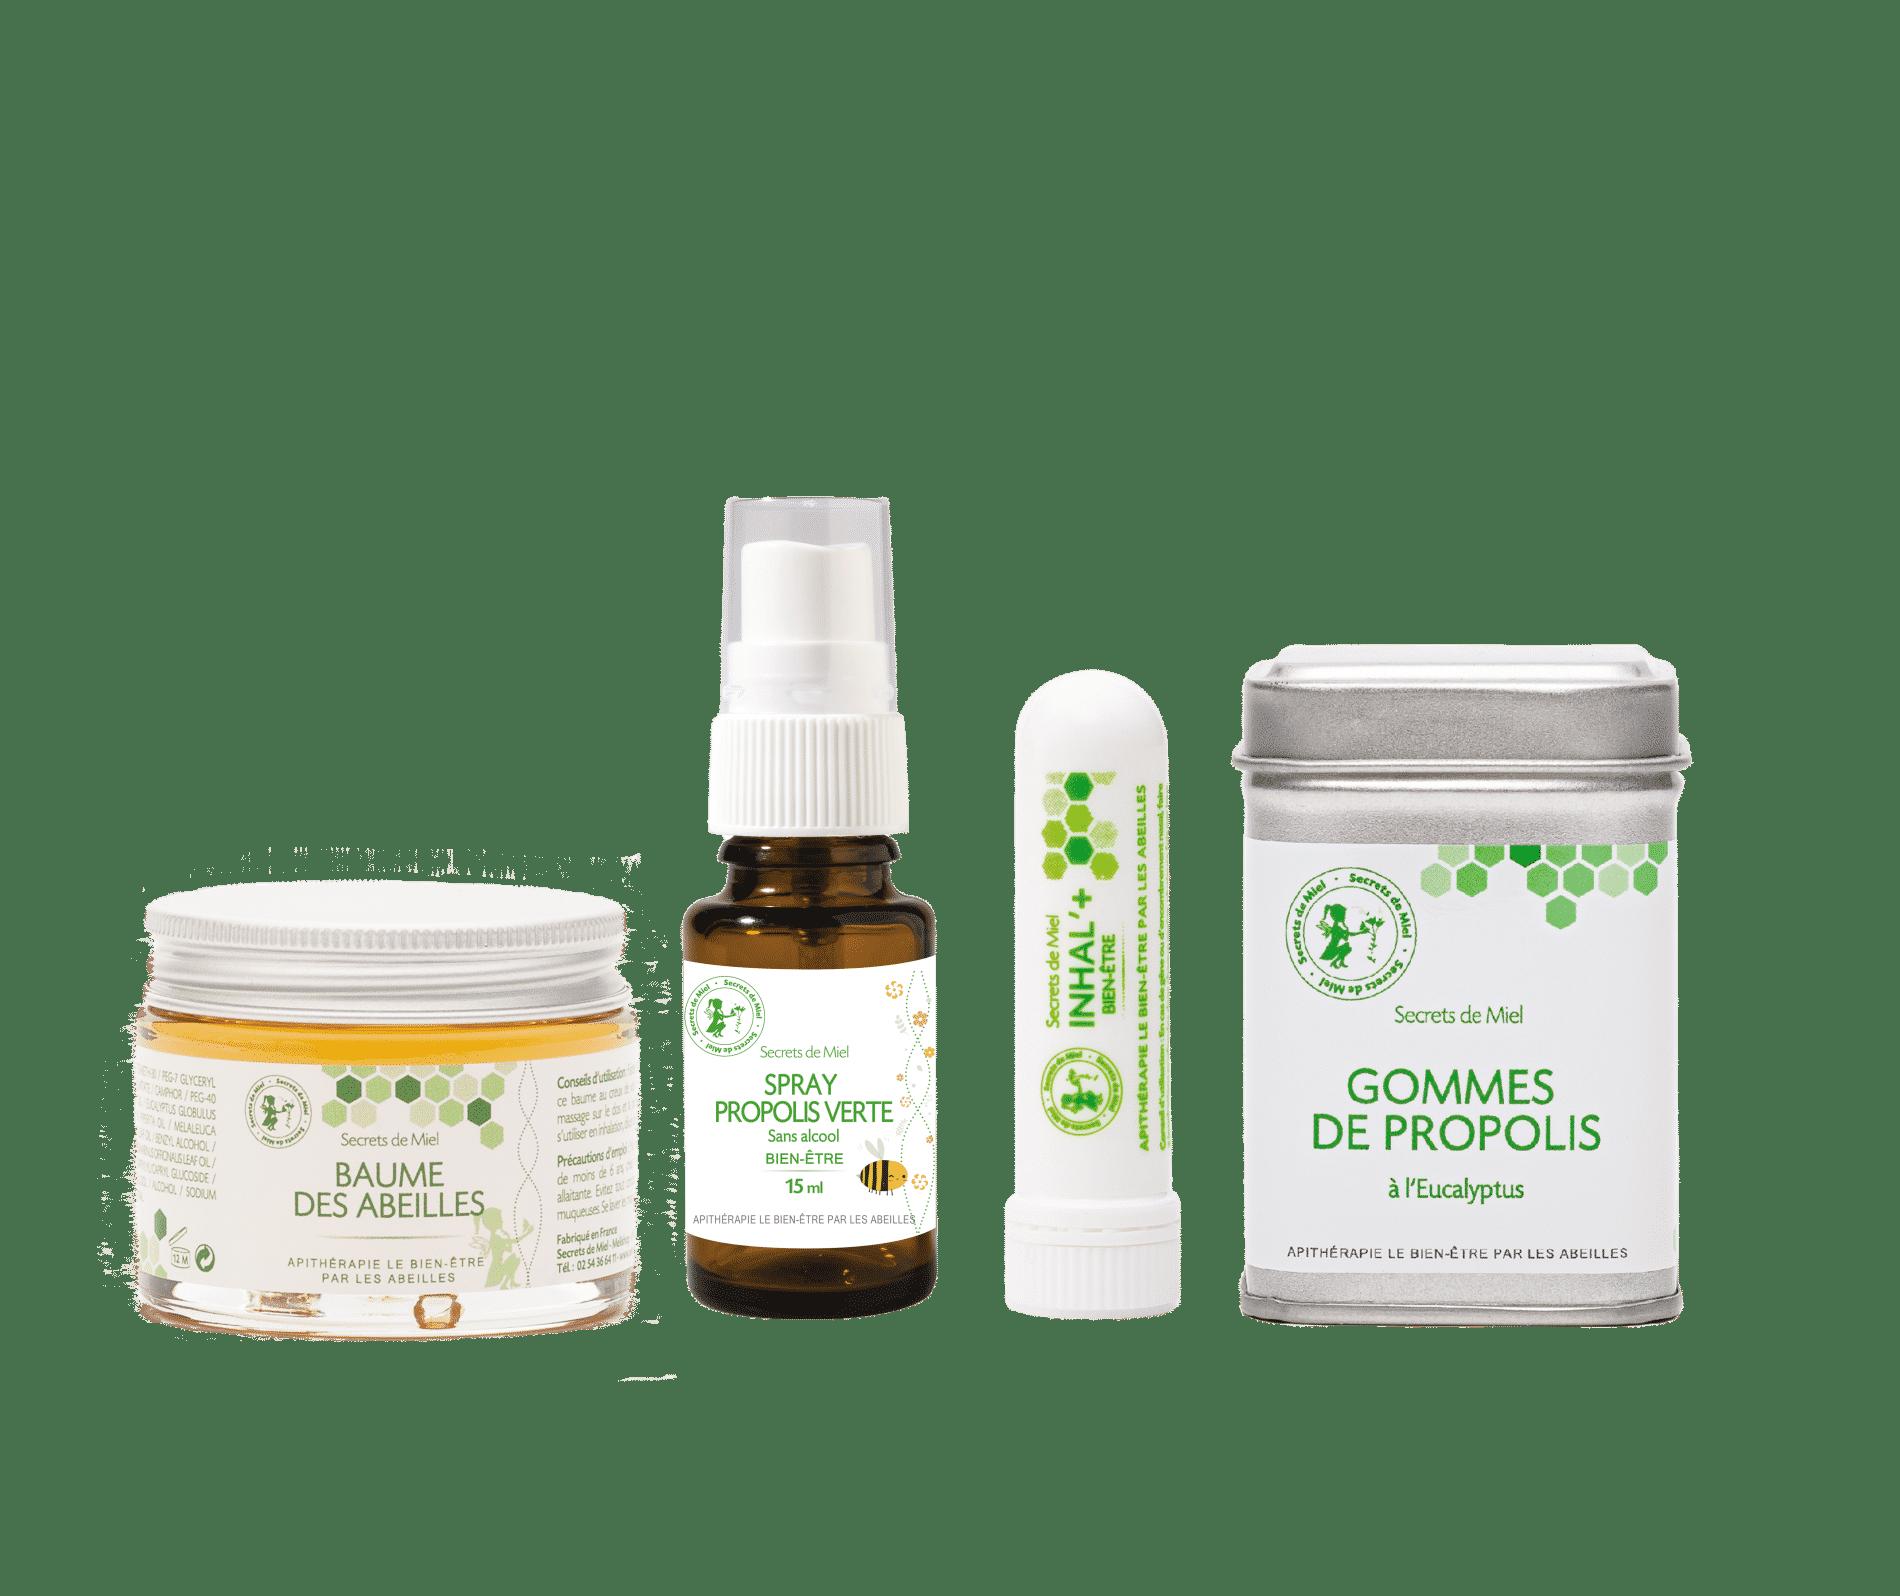 lutter contre les maladie - propolis - produits naturels - rhûmes - coups de froid - essentiels - trousse de secours